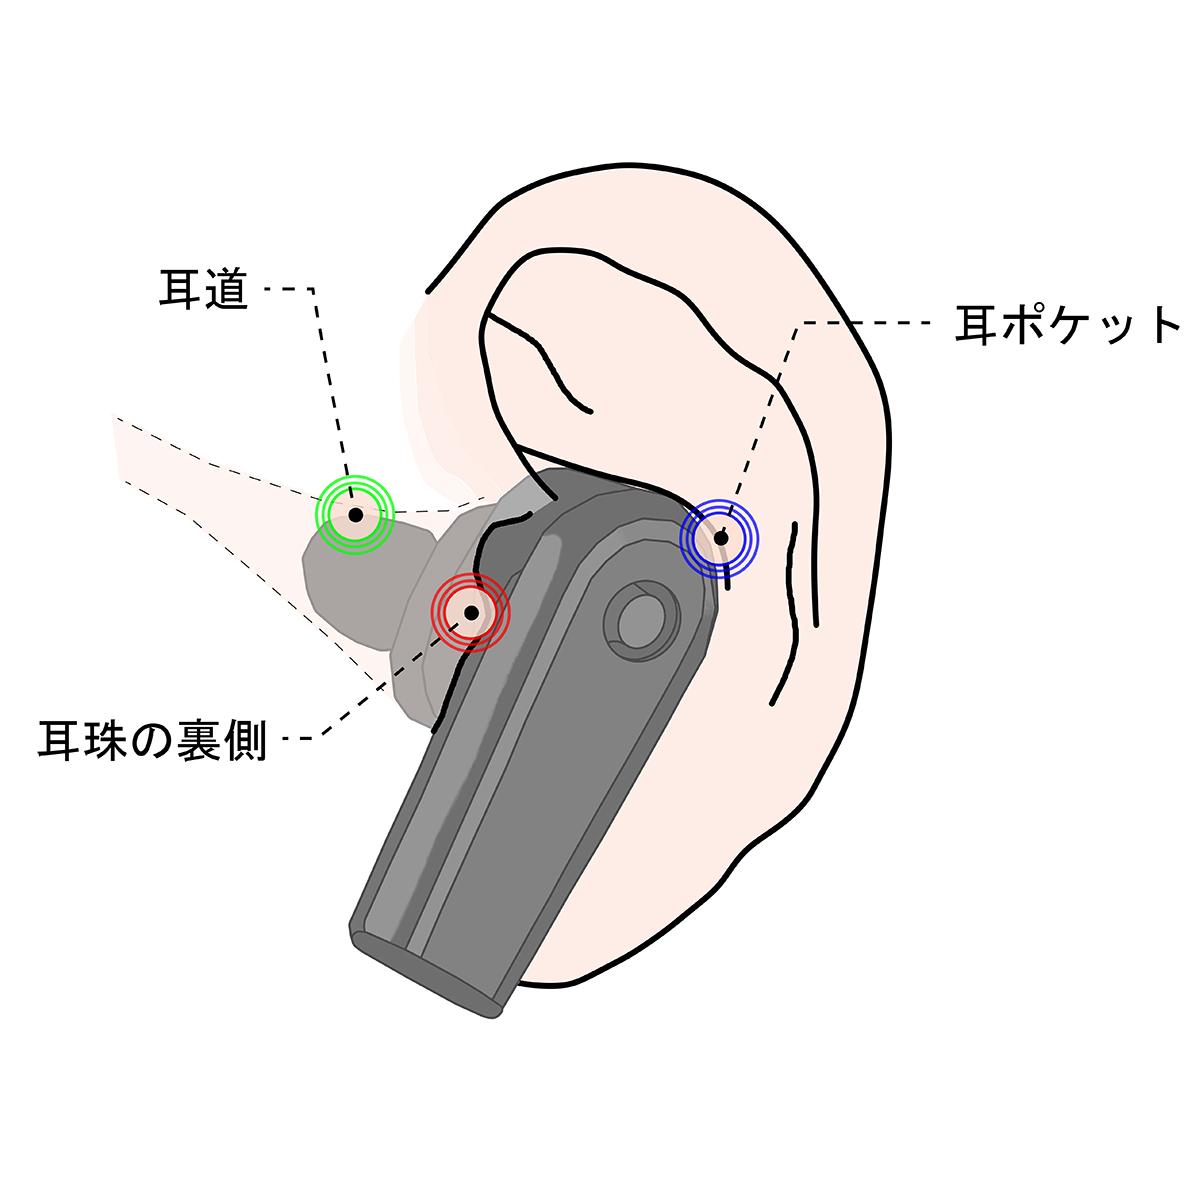 耳の形を選ばないで、心地よくフィットするから、長時間着けっぱなしでも快適なワイヤレスイヤホン|FUNOHM